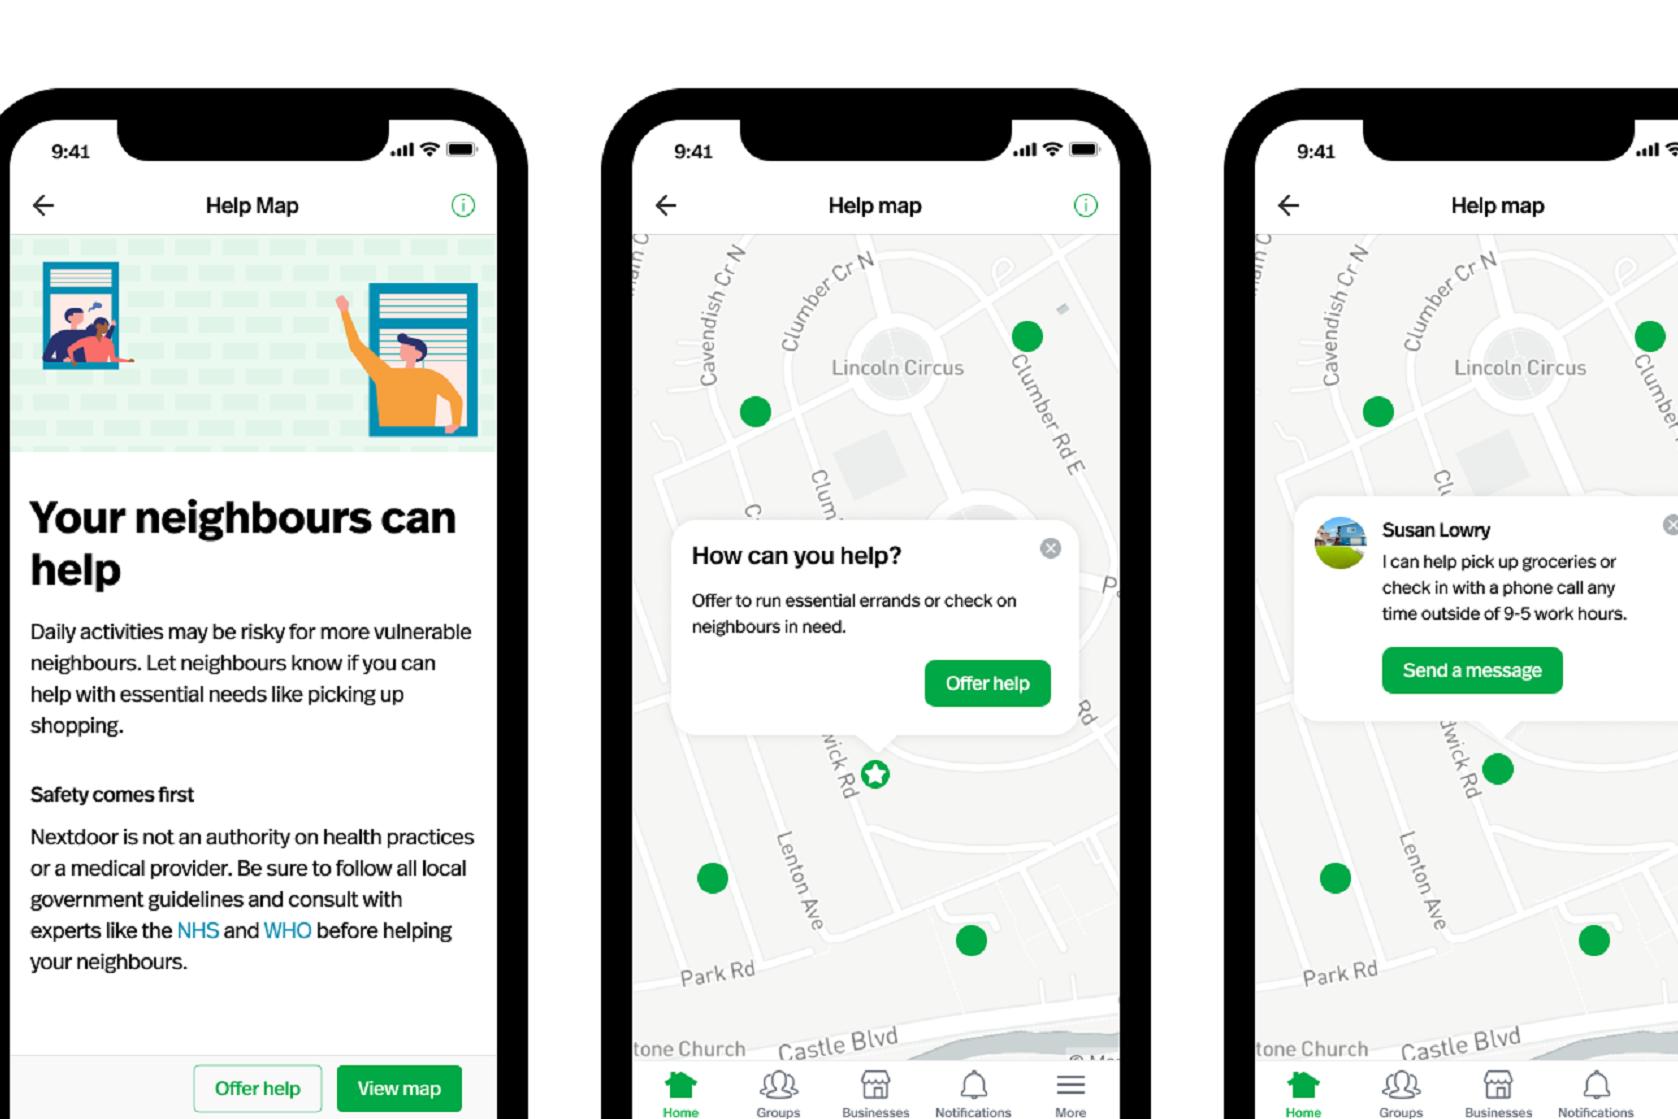 Nextdoor launches Help Map in UK for neighbourhood support - Gazette